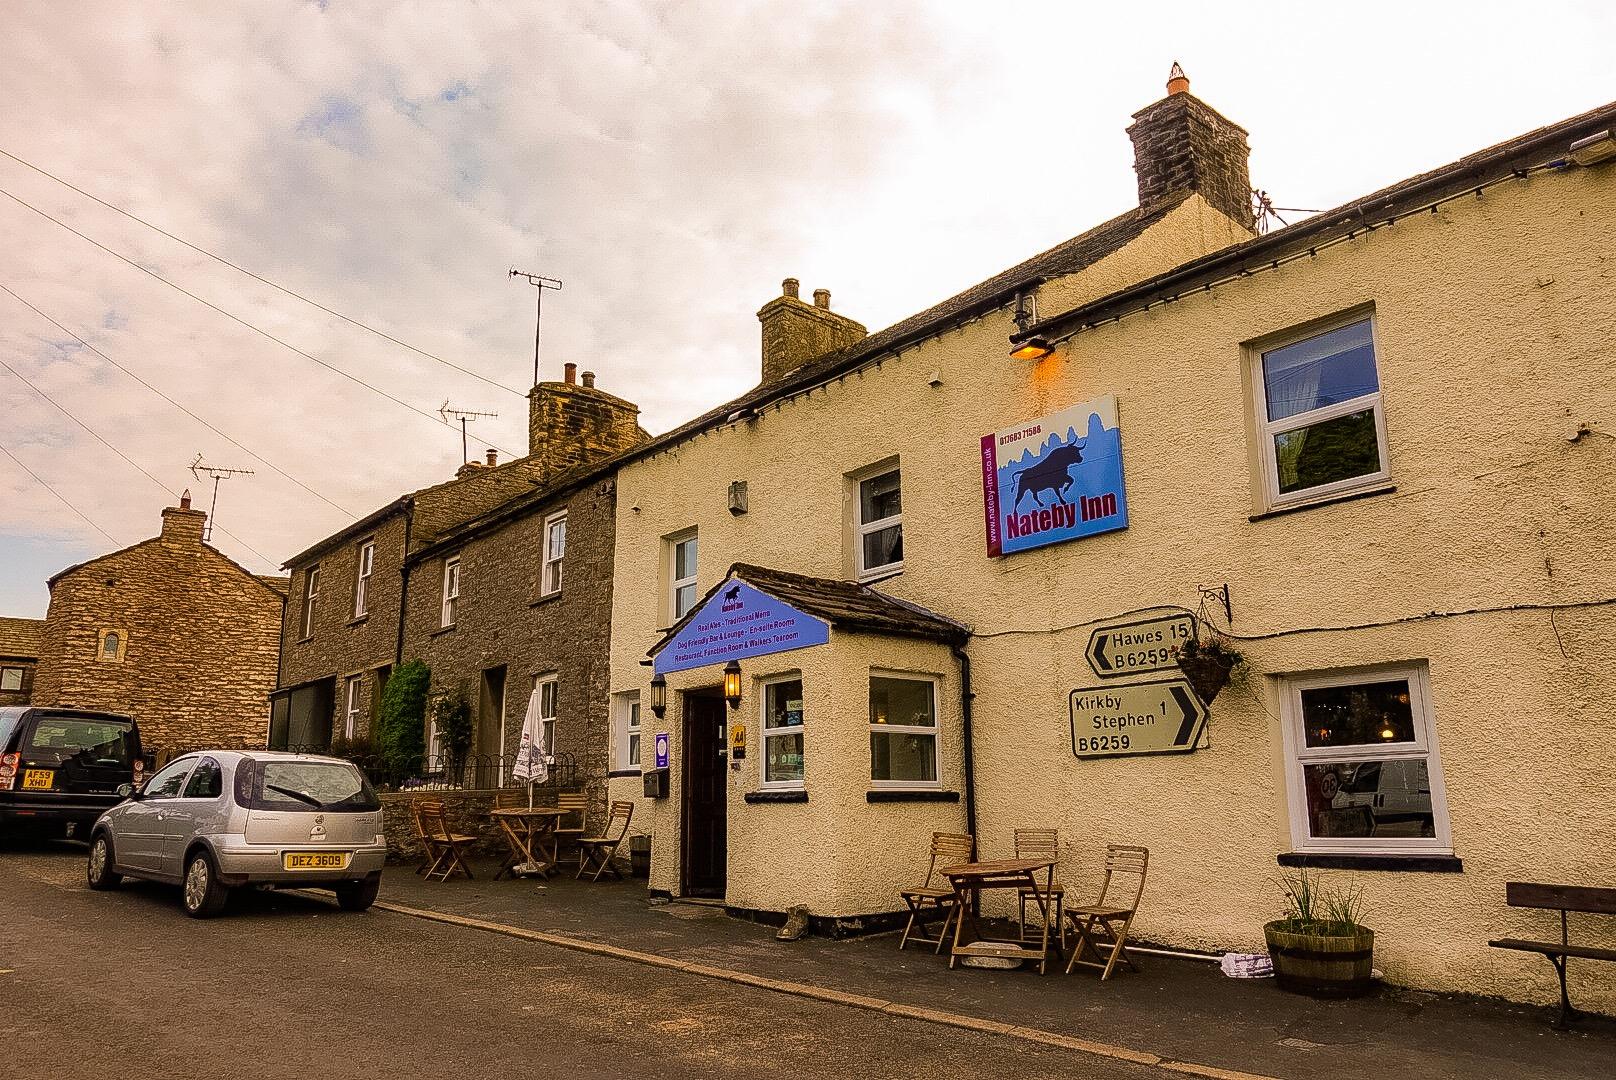 Nateby Inn